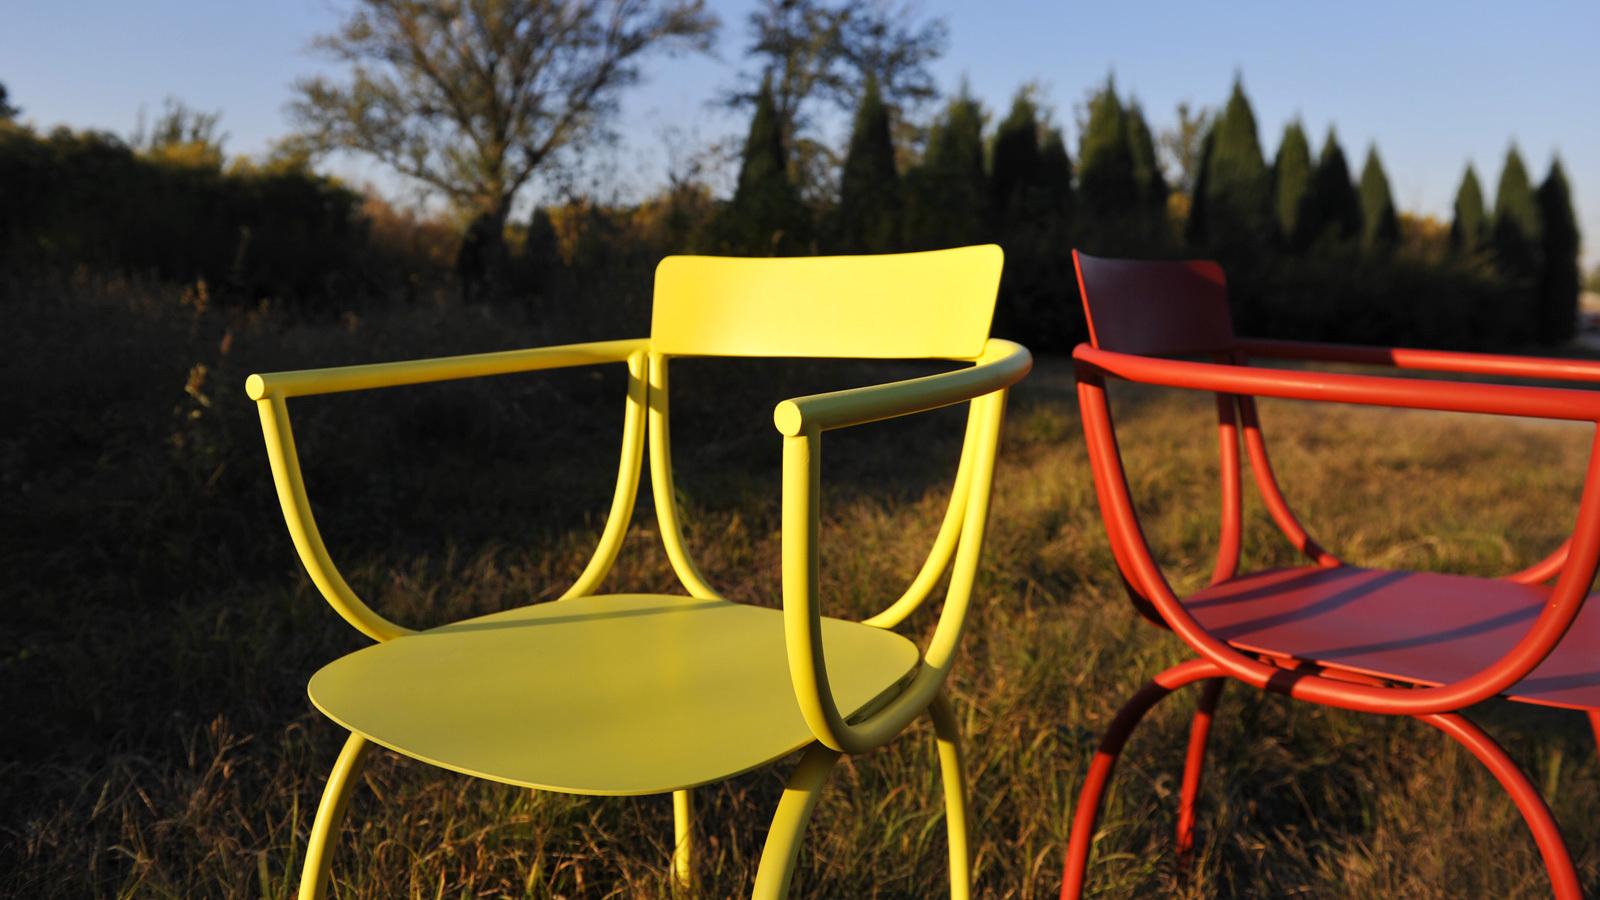 弓椅的设计形态,由完全对称的弧线组成,如建筑线条般的几何感,也被巧妙地融于小小的椅座之间。